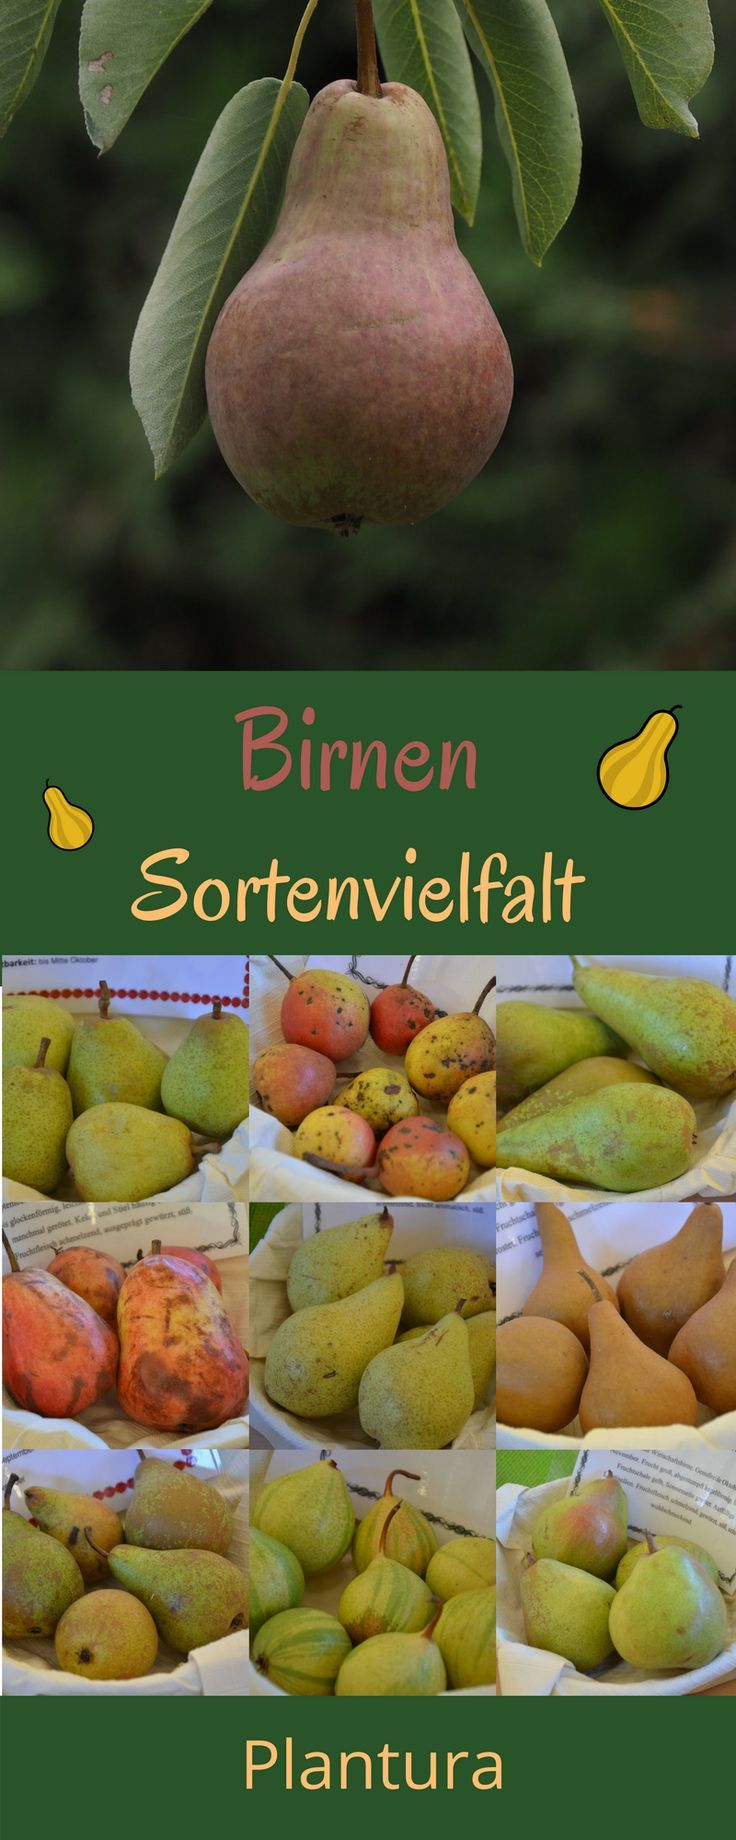 Die Sortenvielfalt der Birnen ist groß - das Lieblingsobst von Kindern (die Birne) gibt es in vielen verschiedenen Formen.